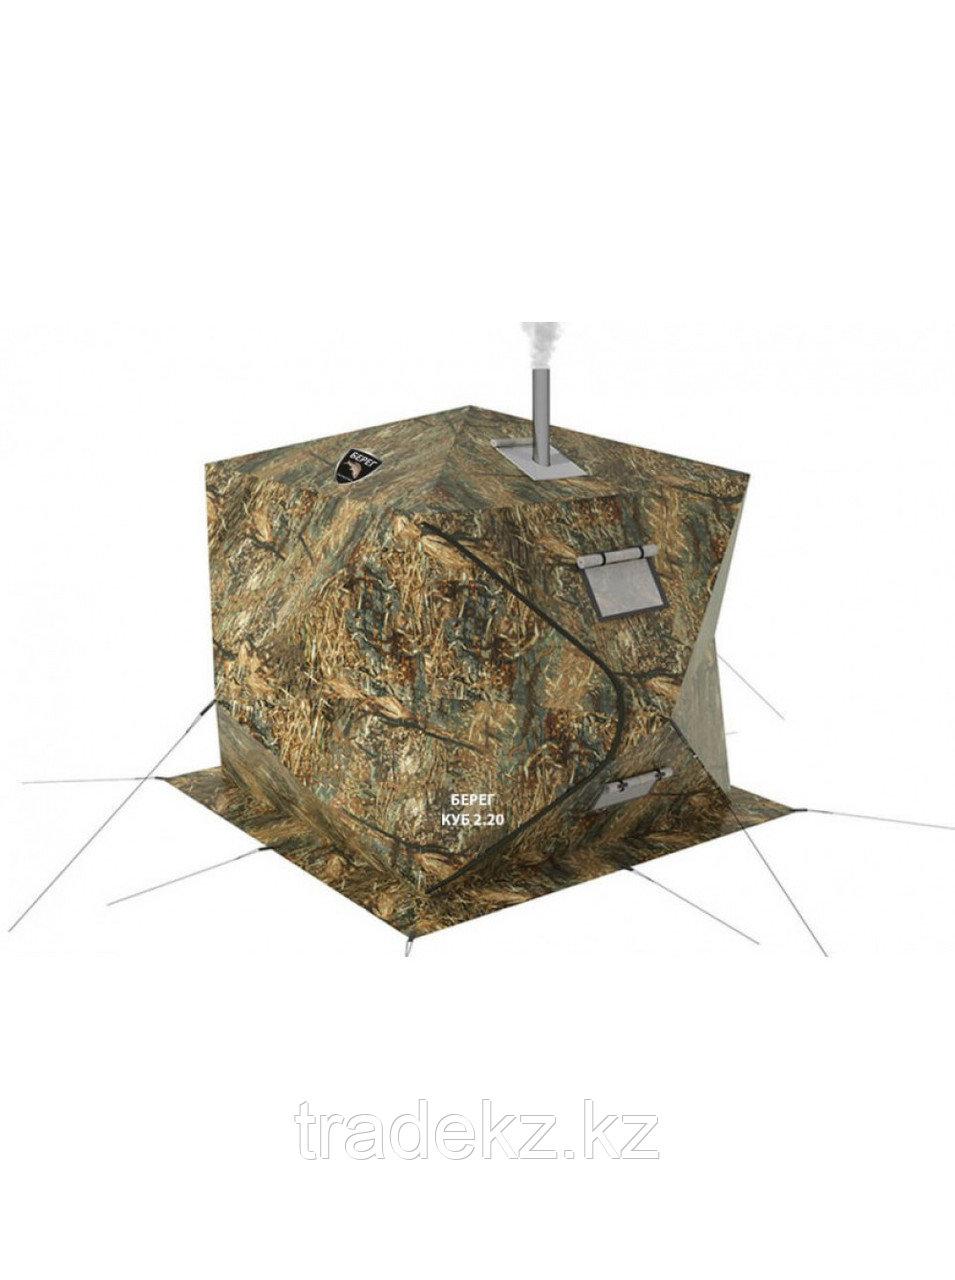 Палатка всесезонная Берег КУБ 2.20 двухслойная, непромокаемый пол из ПВХ, размер 2,2 х 2,02 х 1,9 м.